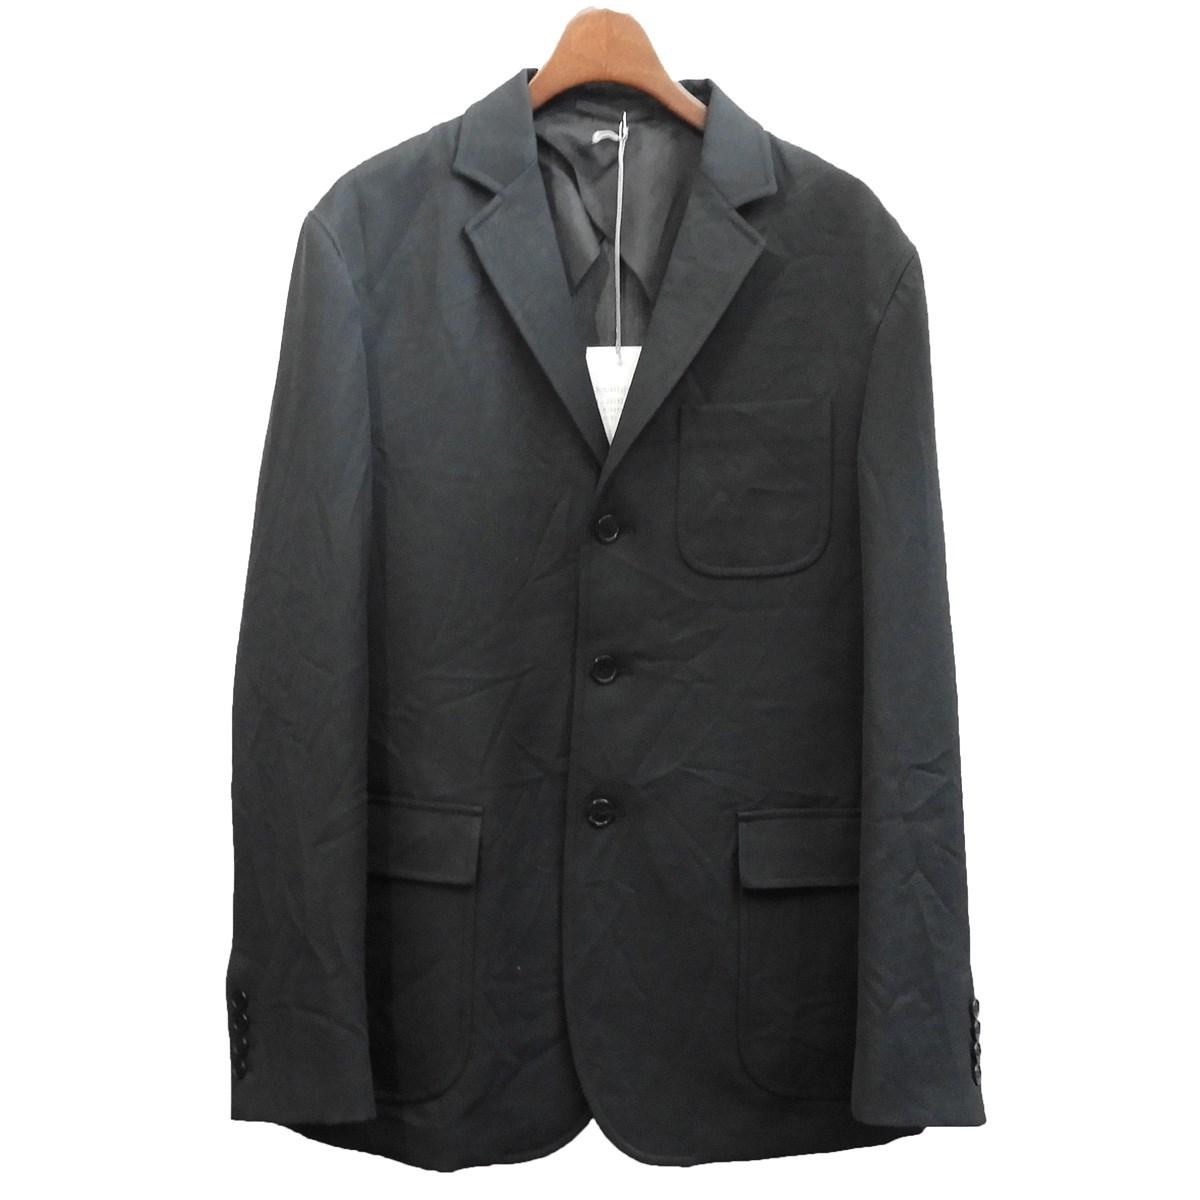 【中古】MARNI テーラードジャケット グレー サイズ:48 【281119】(マルニ)